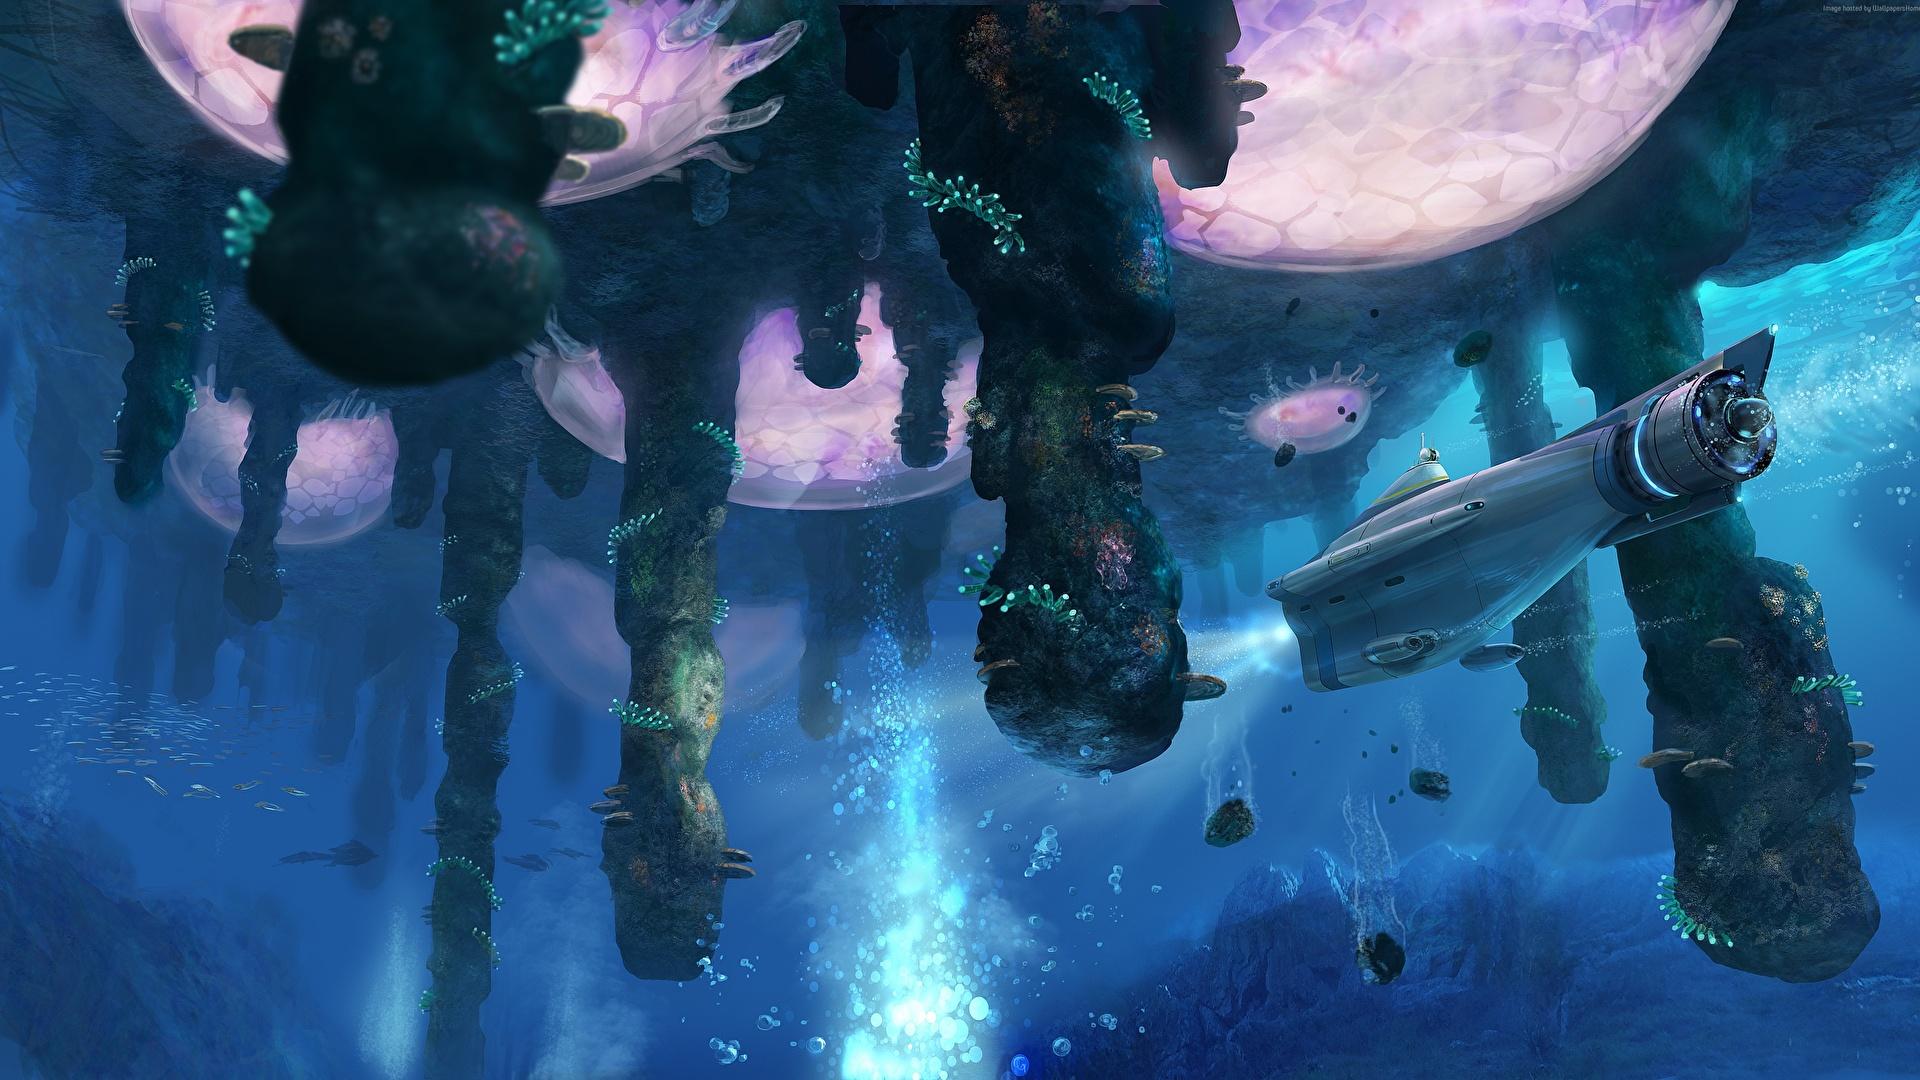 Картинки Подводный мир Подводные лодки Subnautica Фантастика Игры фантастическая техника 1920x1080 Фэнтези компьютерная игра Техника Фэнтези